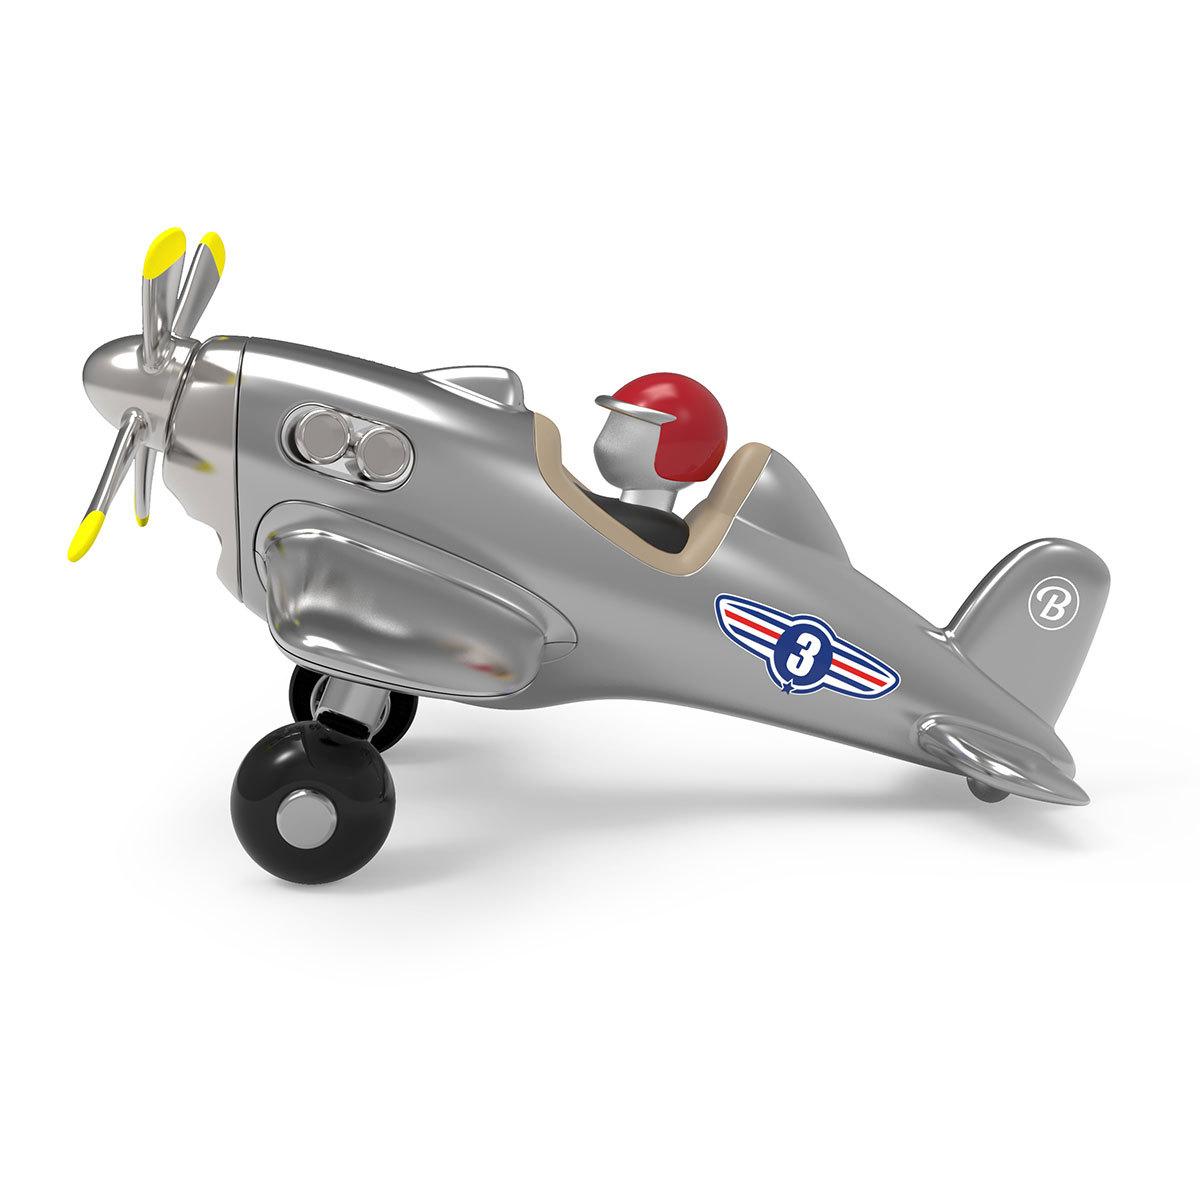 Mes premiers jouets Jet Plane - Silver Jet Plane - Silver